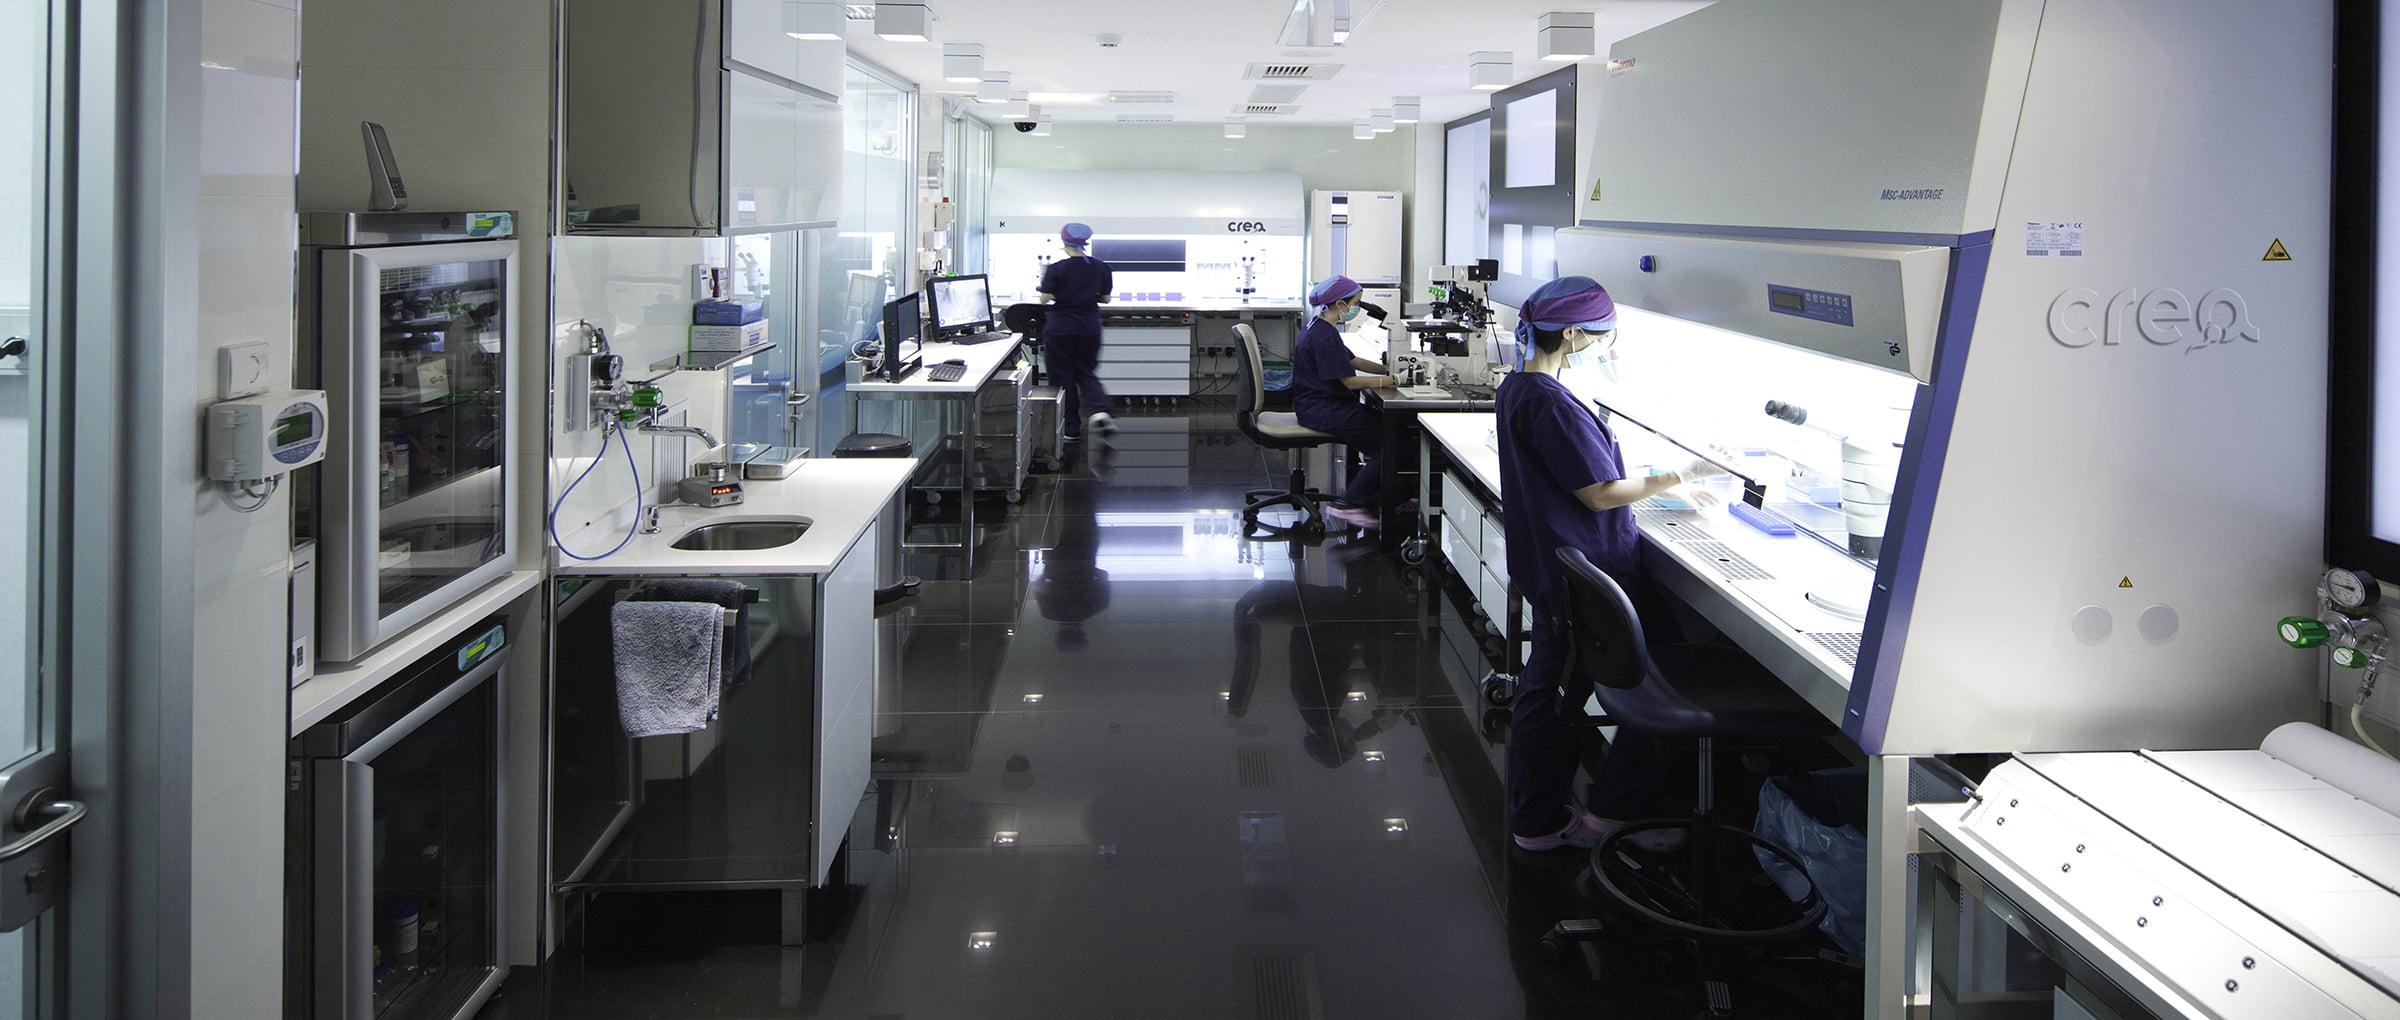 Crea IVF laboratory